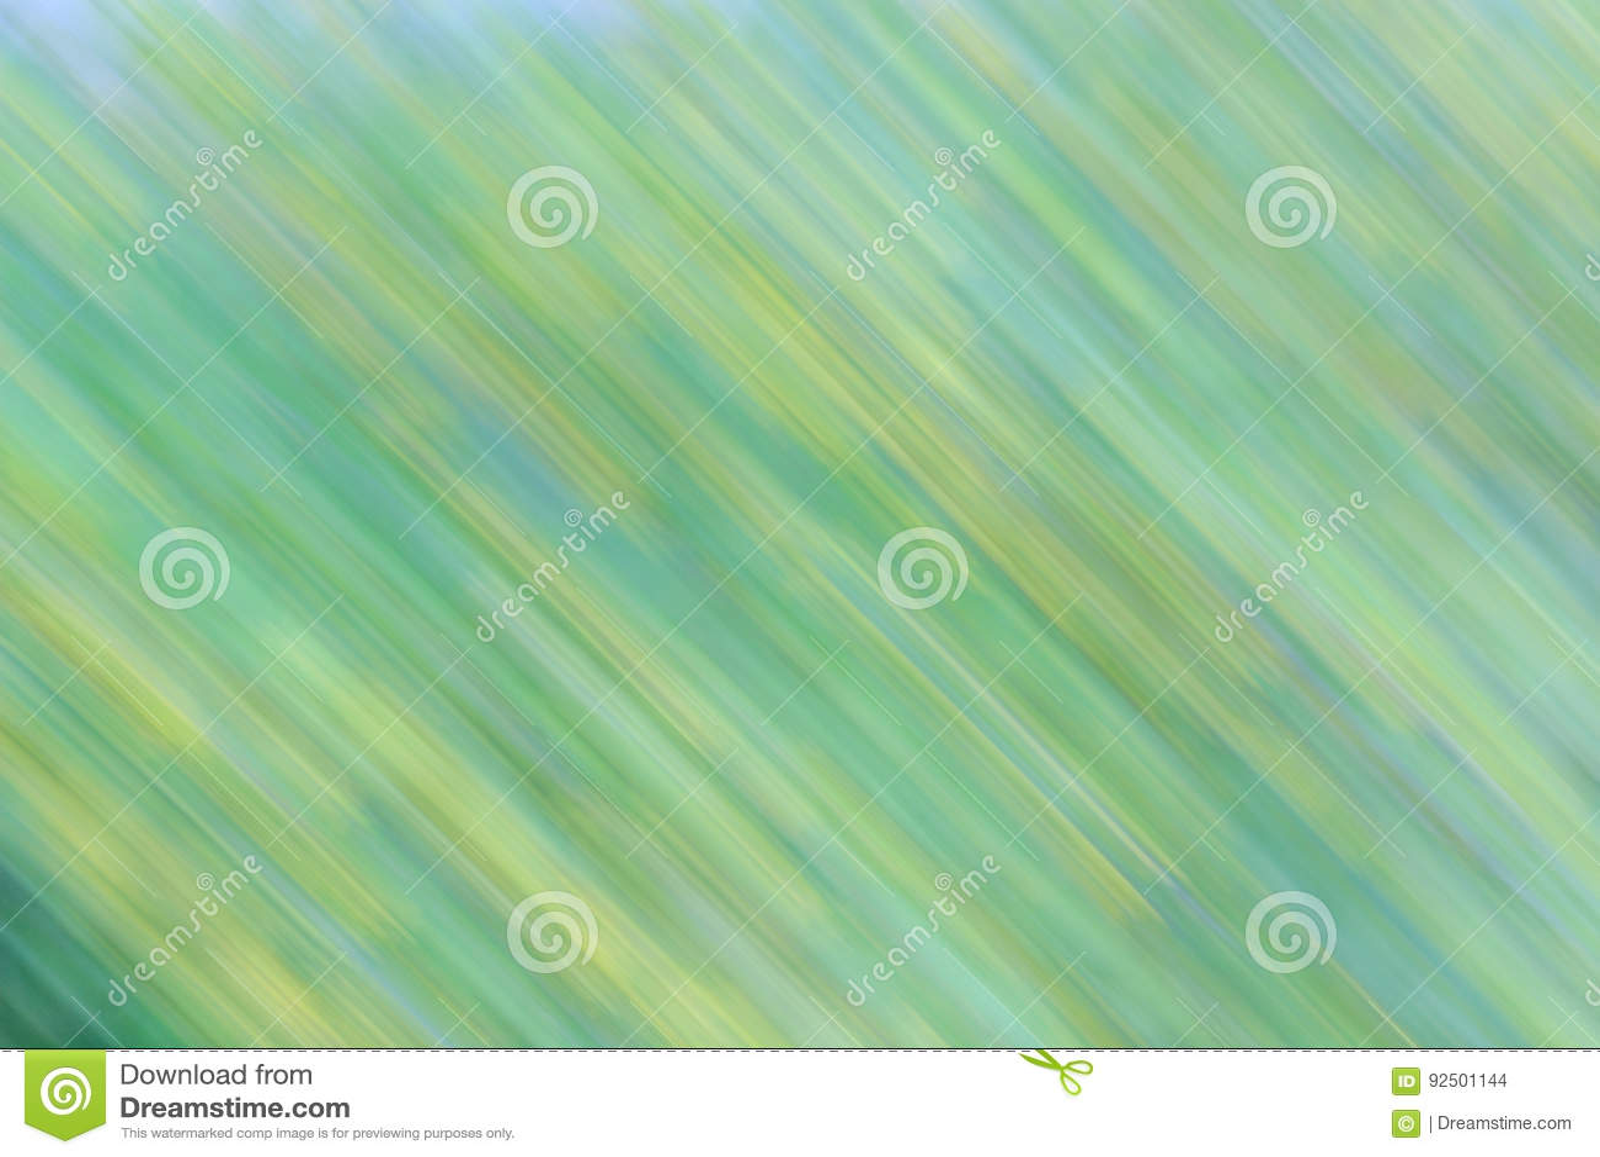 Sfondo Naturale Verde E Giallo Astratto Con Effetto Del Movimento